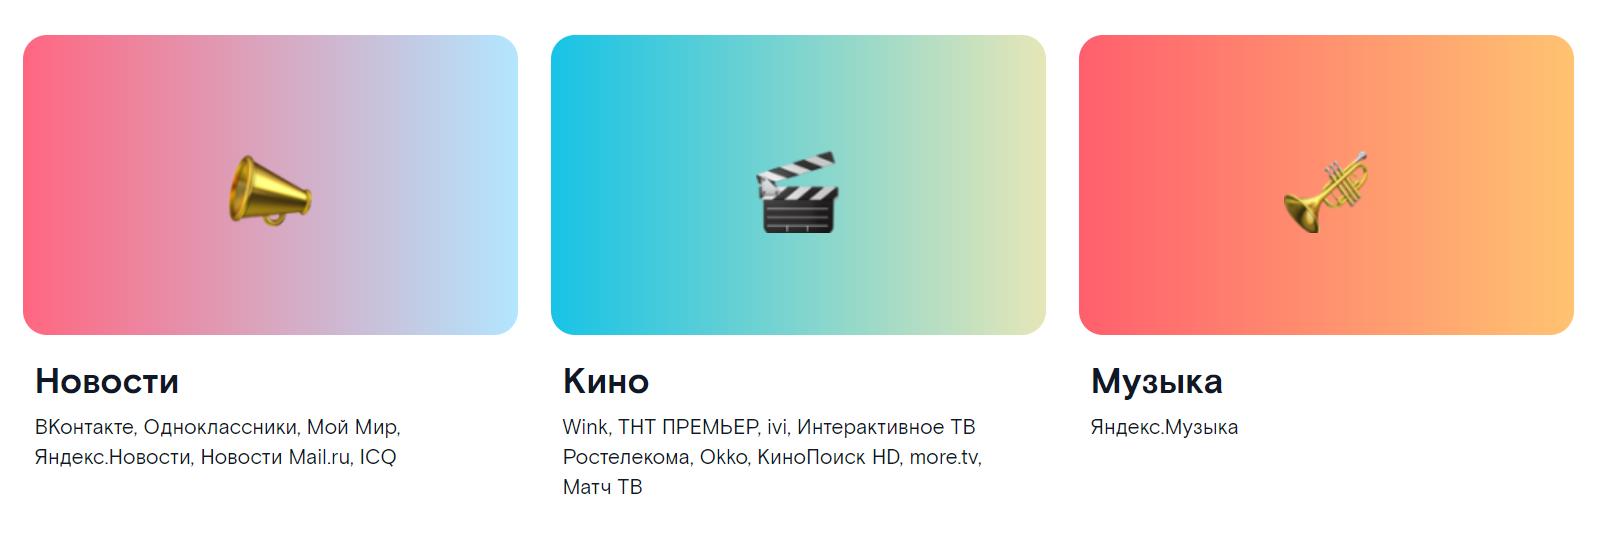 В России заработал сайт-каталог с бесплатными сервисами. И на нём есть всё, чтобы пережить карантин